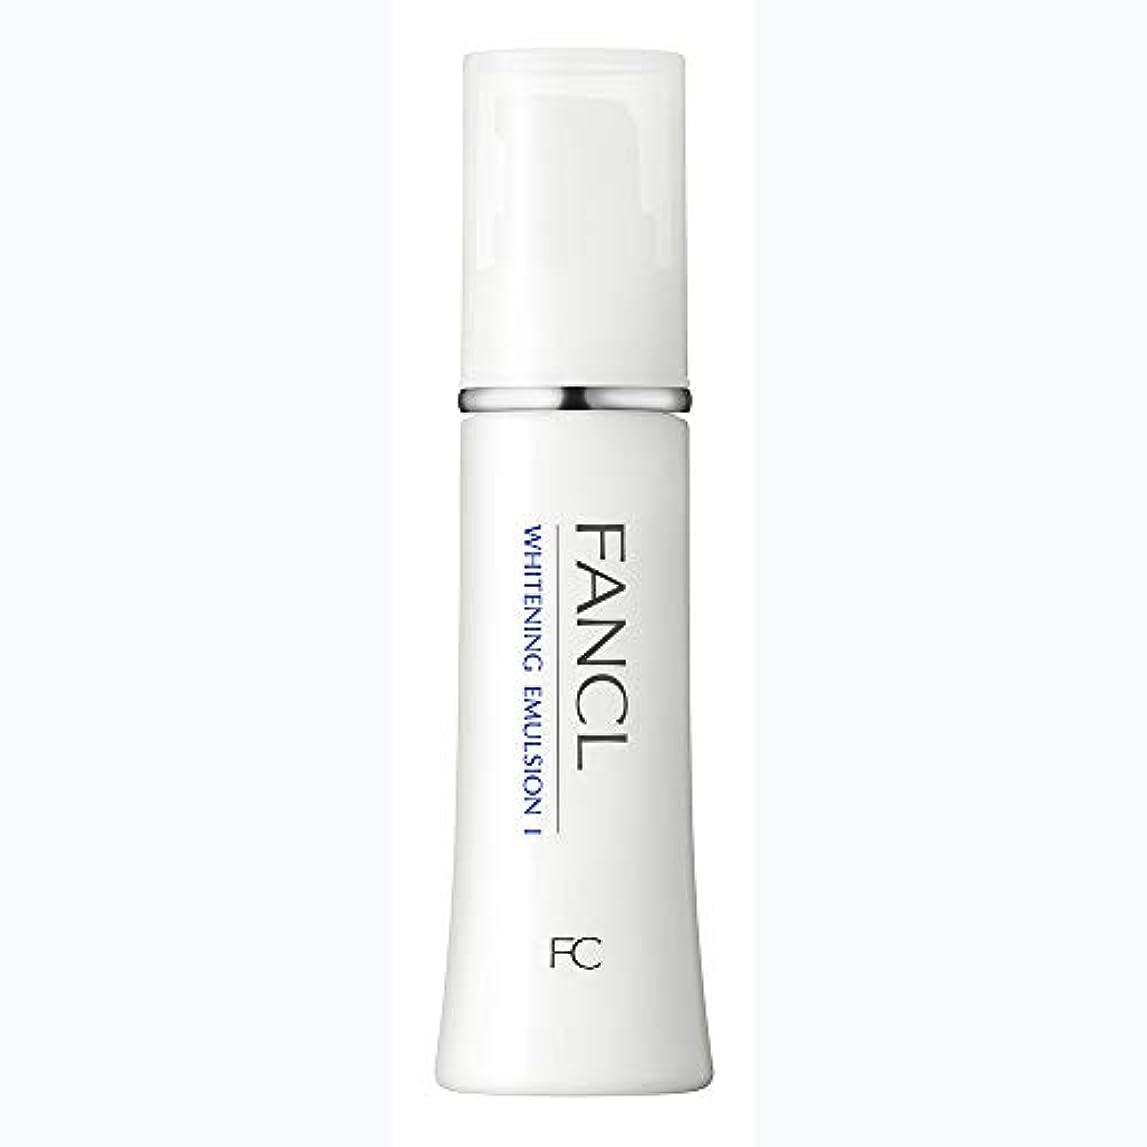 絶望的な電報スティックファンケル(FANCL) 新ホワイトニング 乳液 I さっぱり 1本 30mL<医薬部外品>